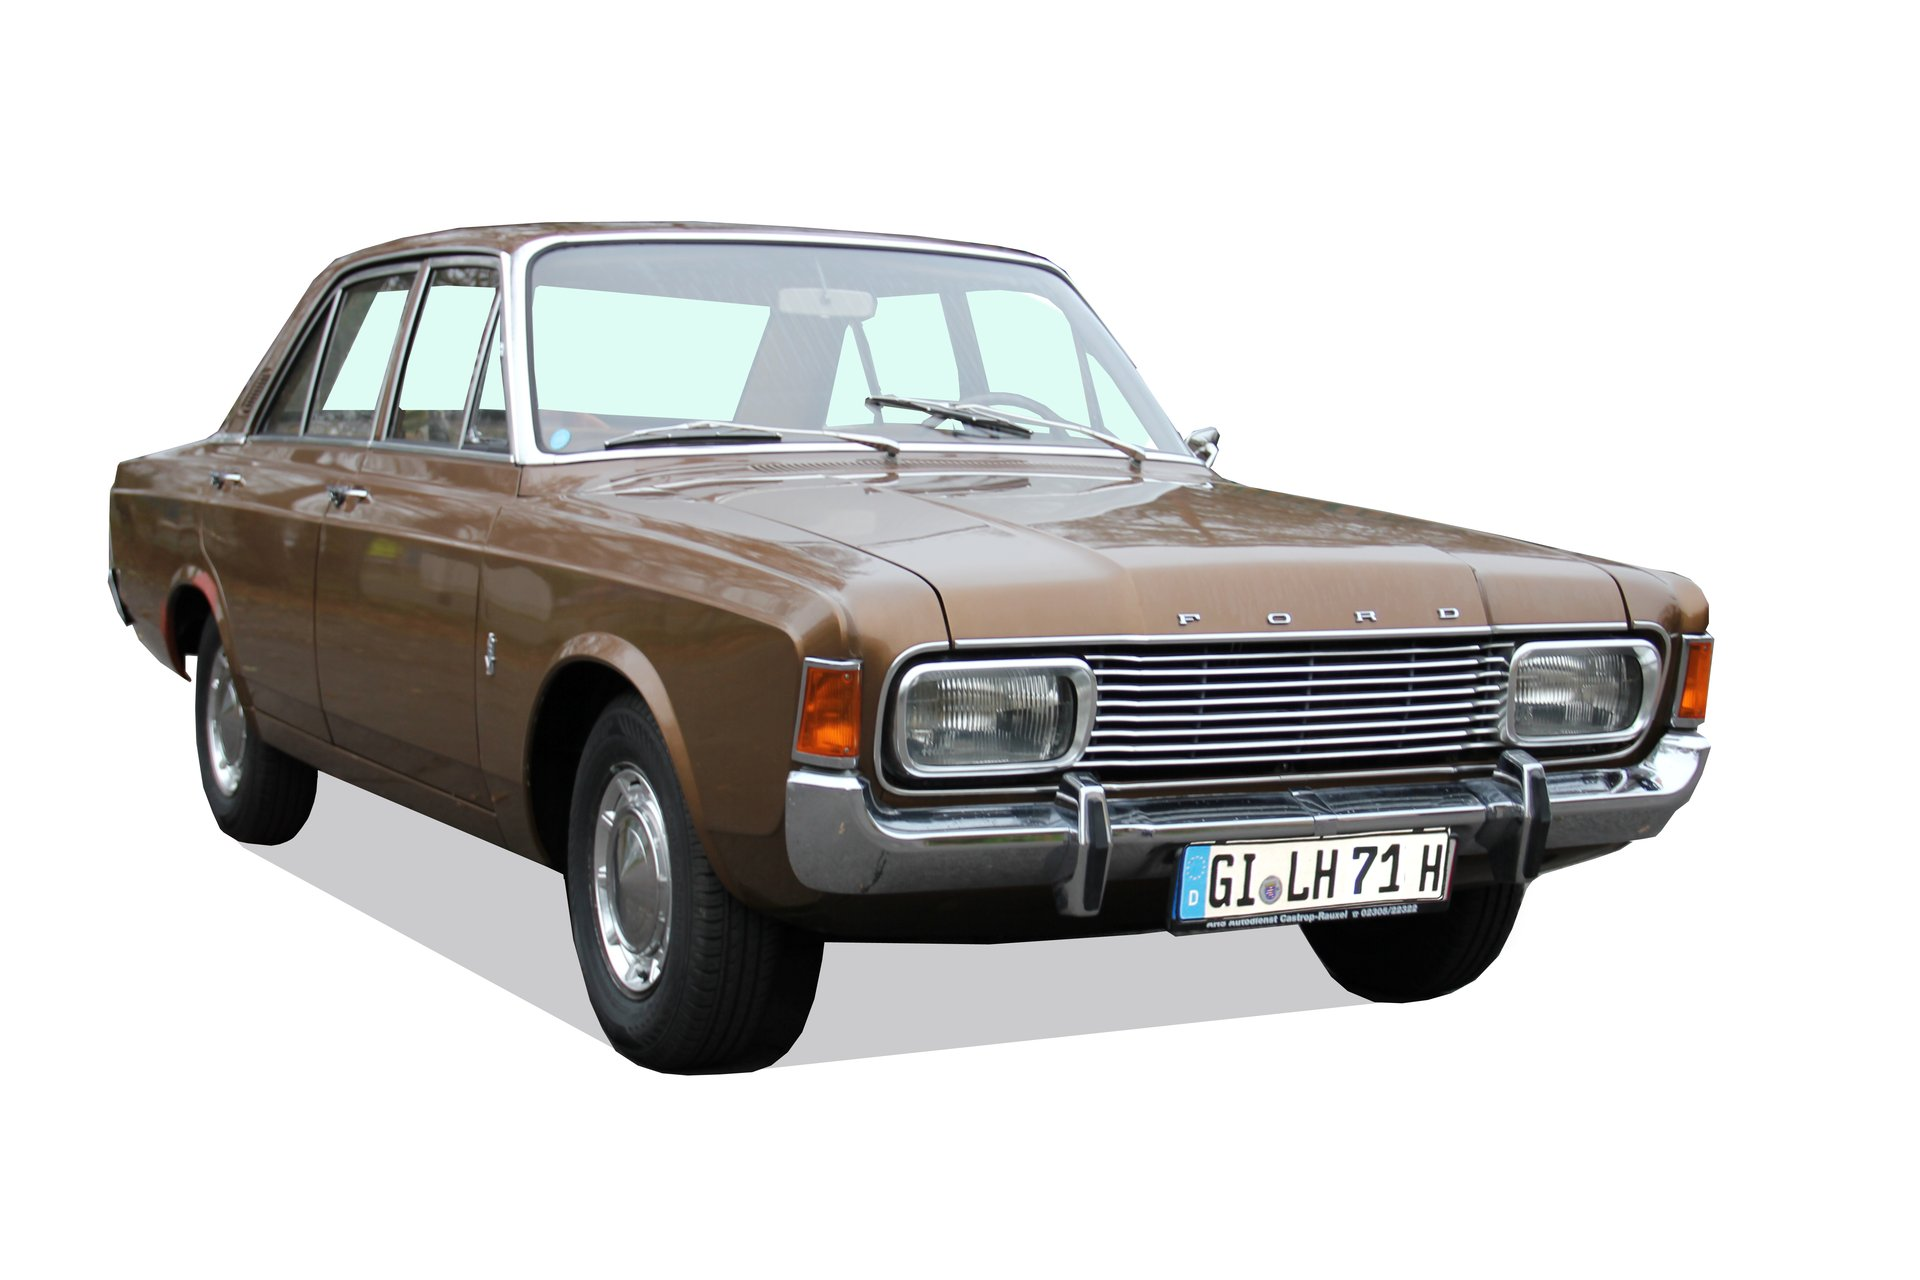 Marron, eine typische Farbe der Siebzigerjahre